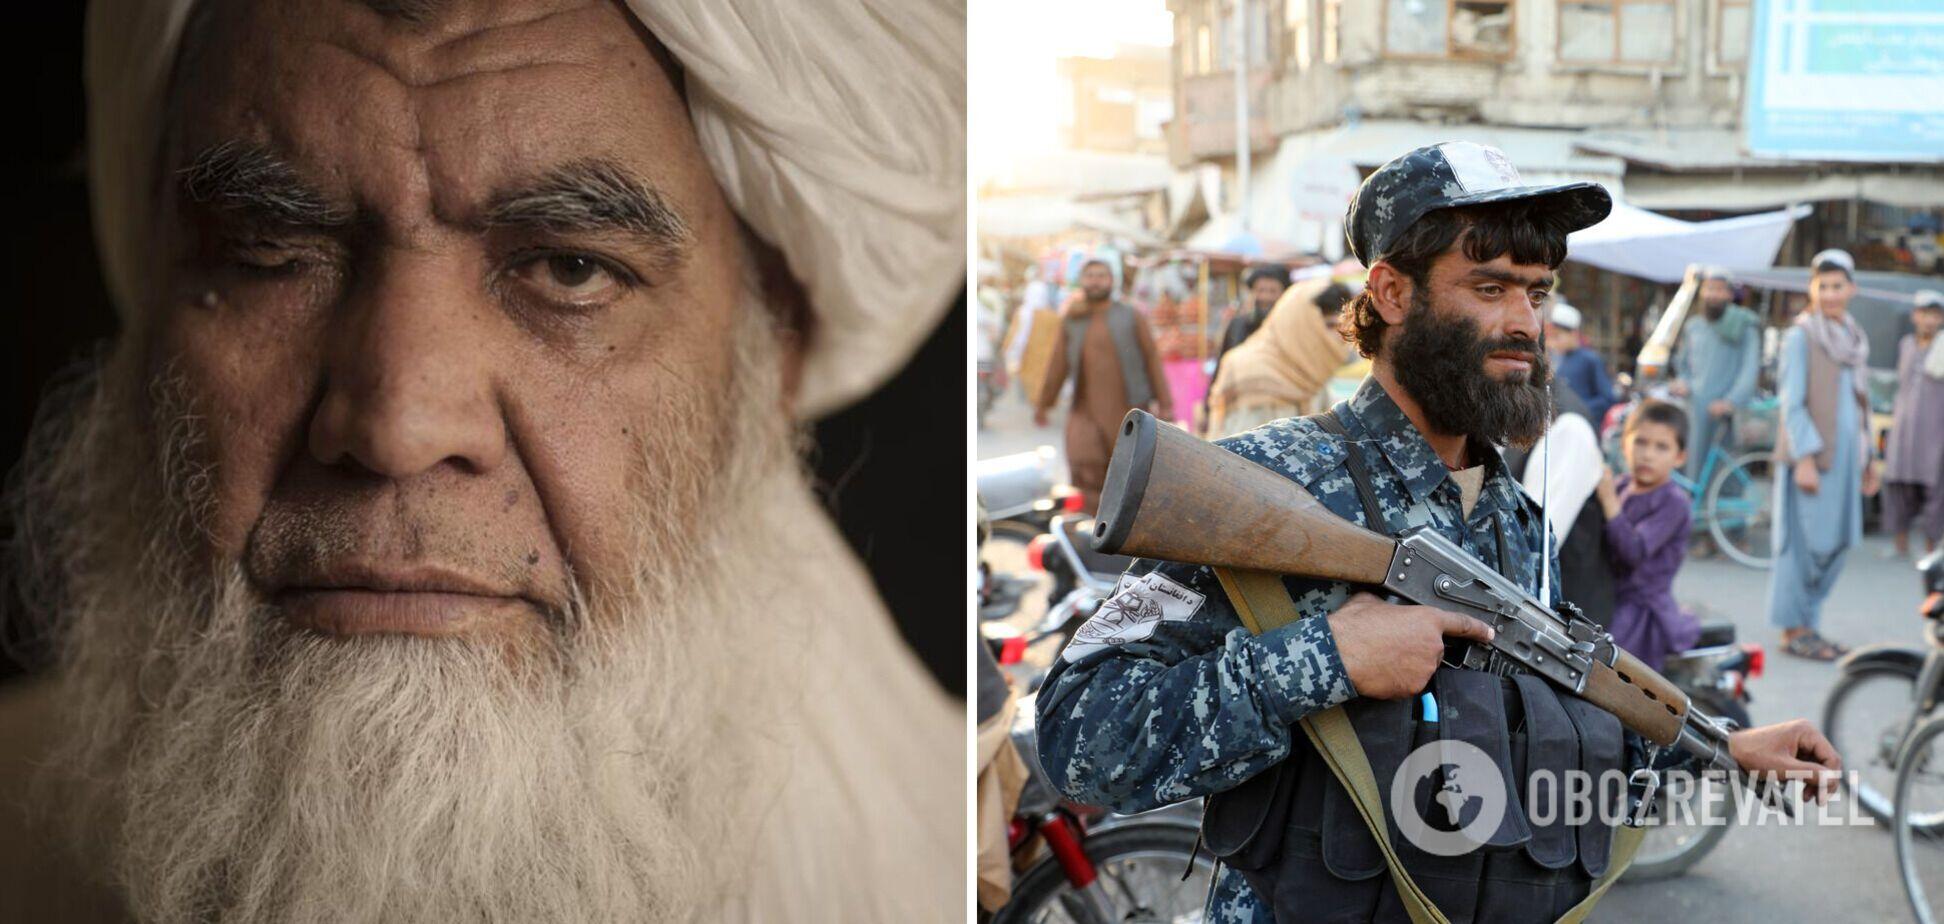 Норуддин Тураби заявил о возвращении смертной казни в Афганистане